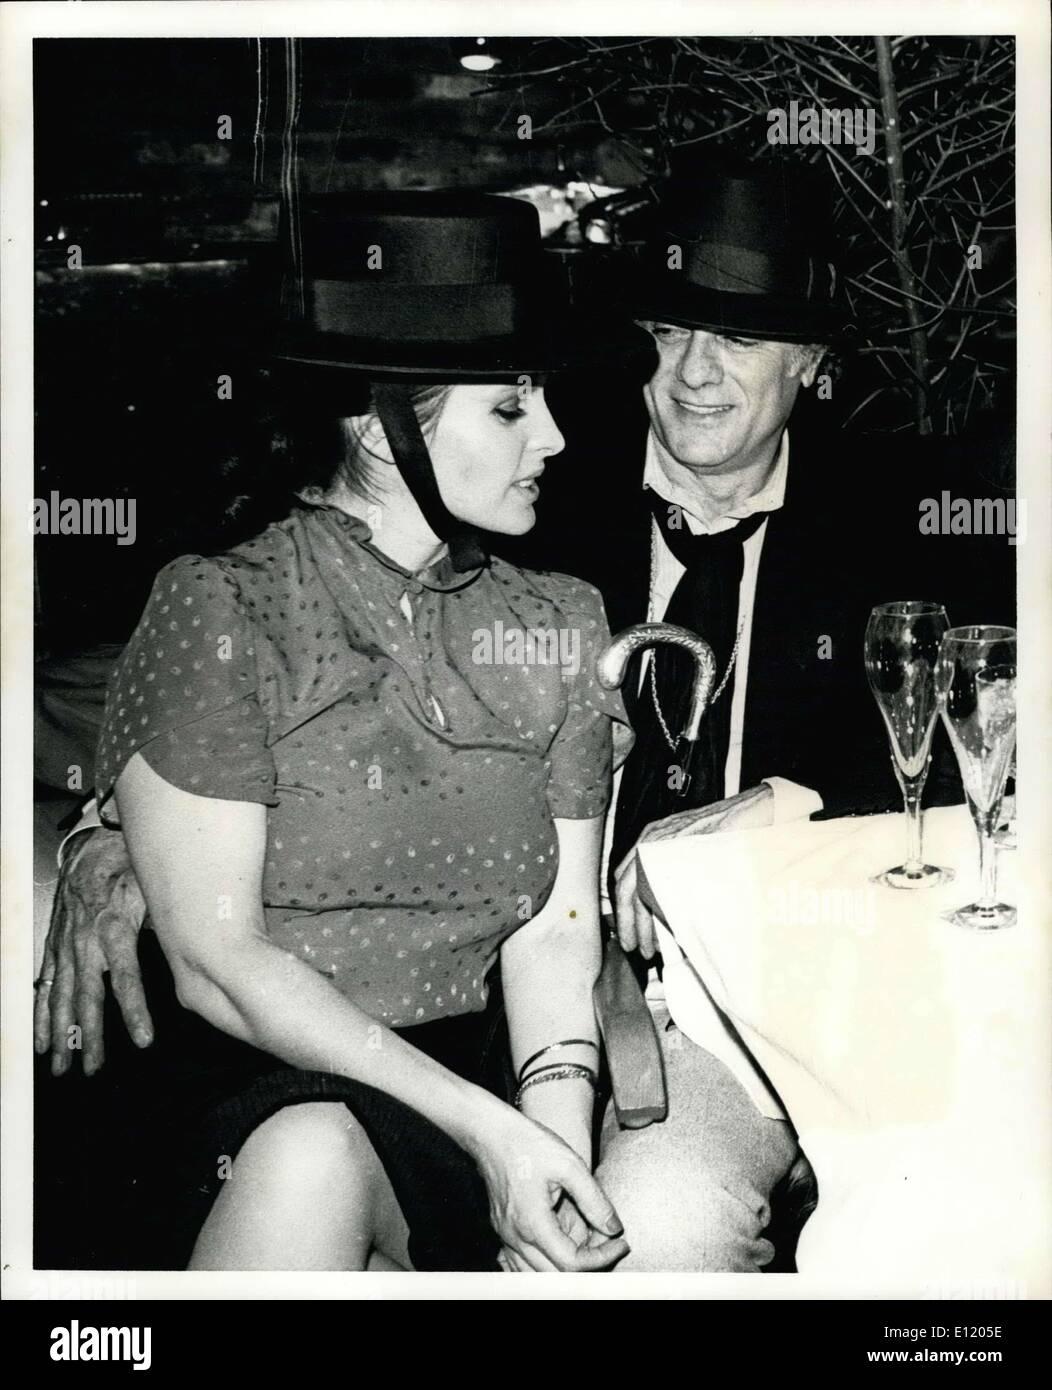 https://c8.alamy.com/comp/E1205E/may-02-1981-new-york-city-starbuck-nightclub-actor-tony-curtis-and-E1205E.jpg